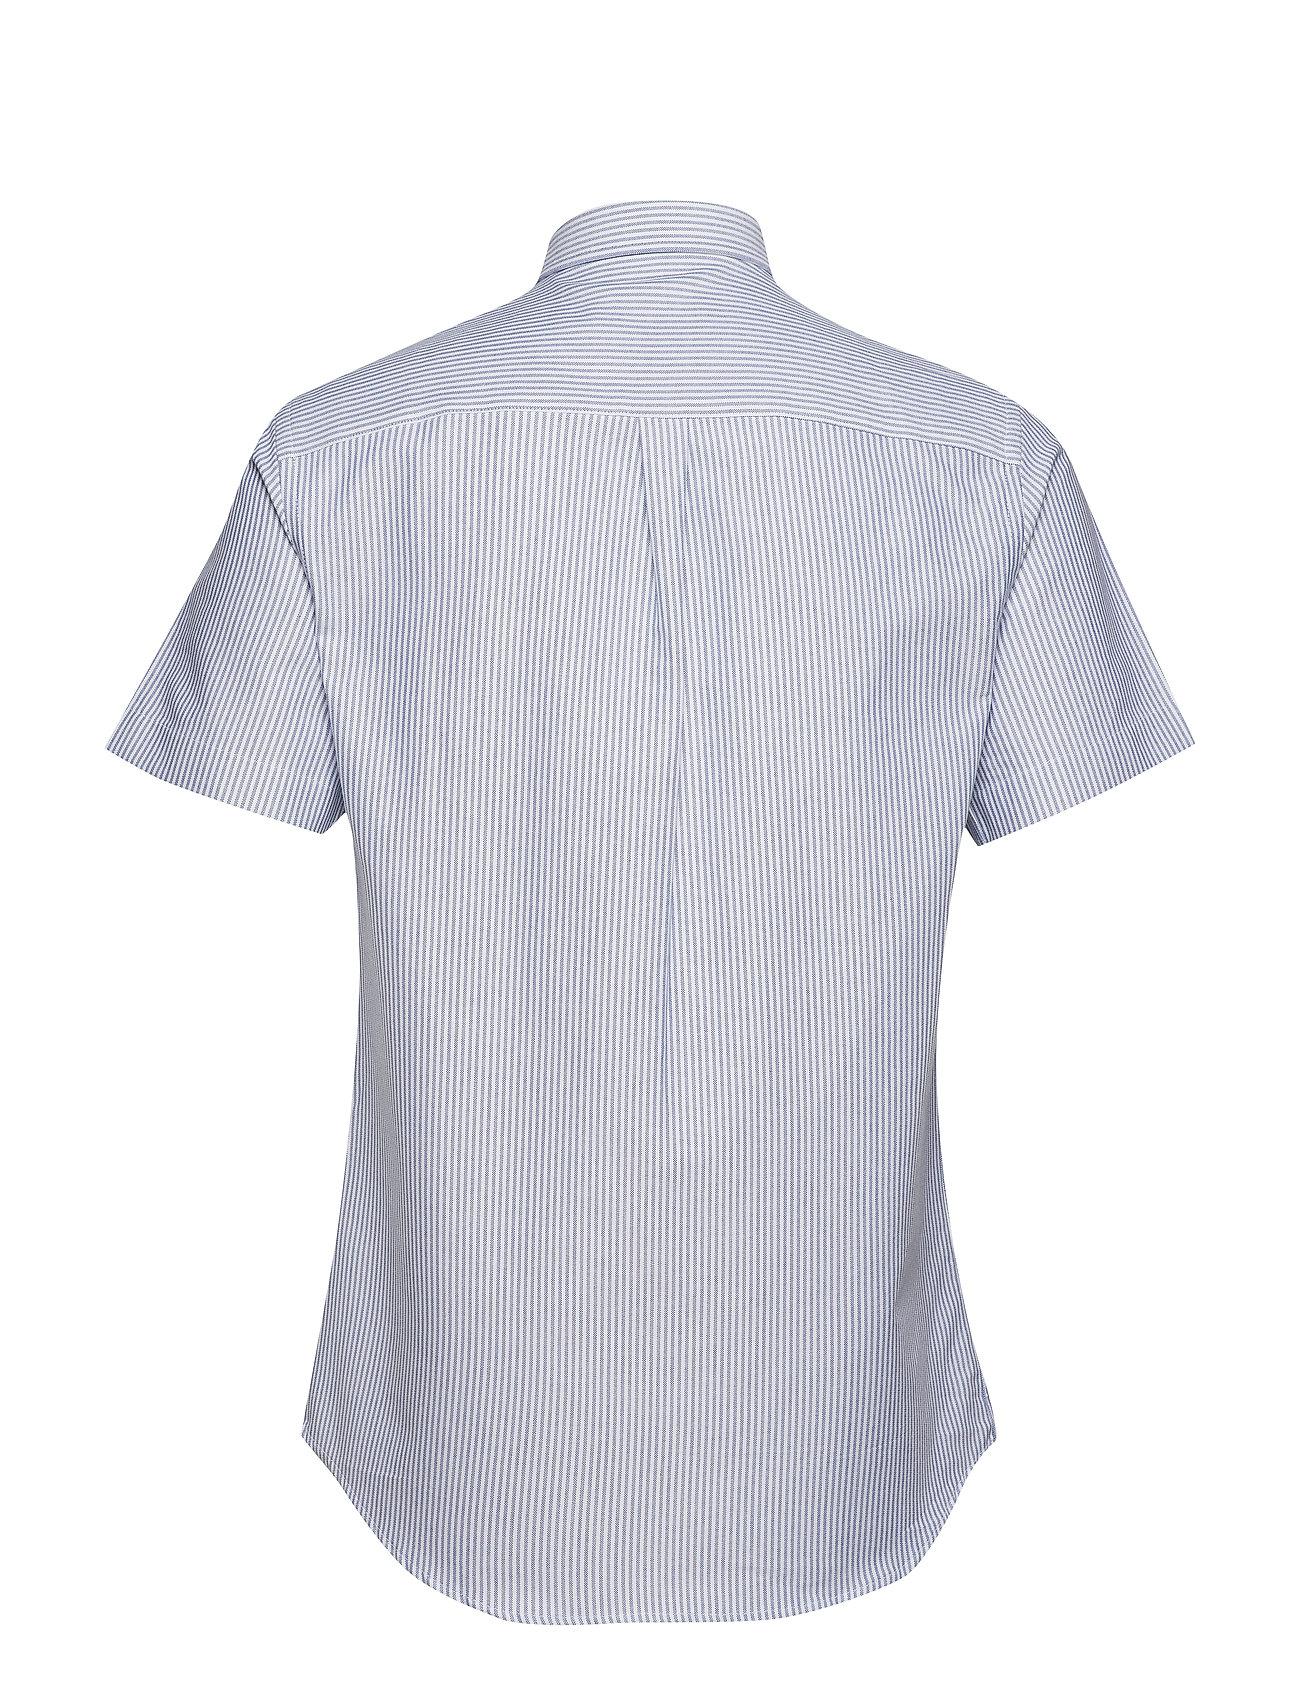 NavyLes NavyLes Ete Deux Ete Shirtstripe Dark Dark Shirtstripe iOTkXPZu